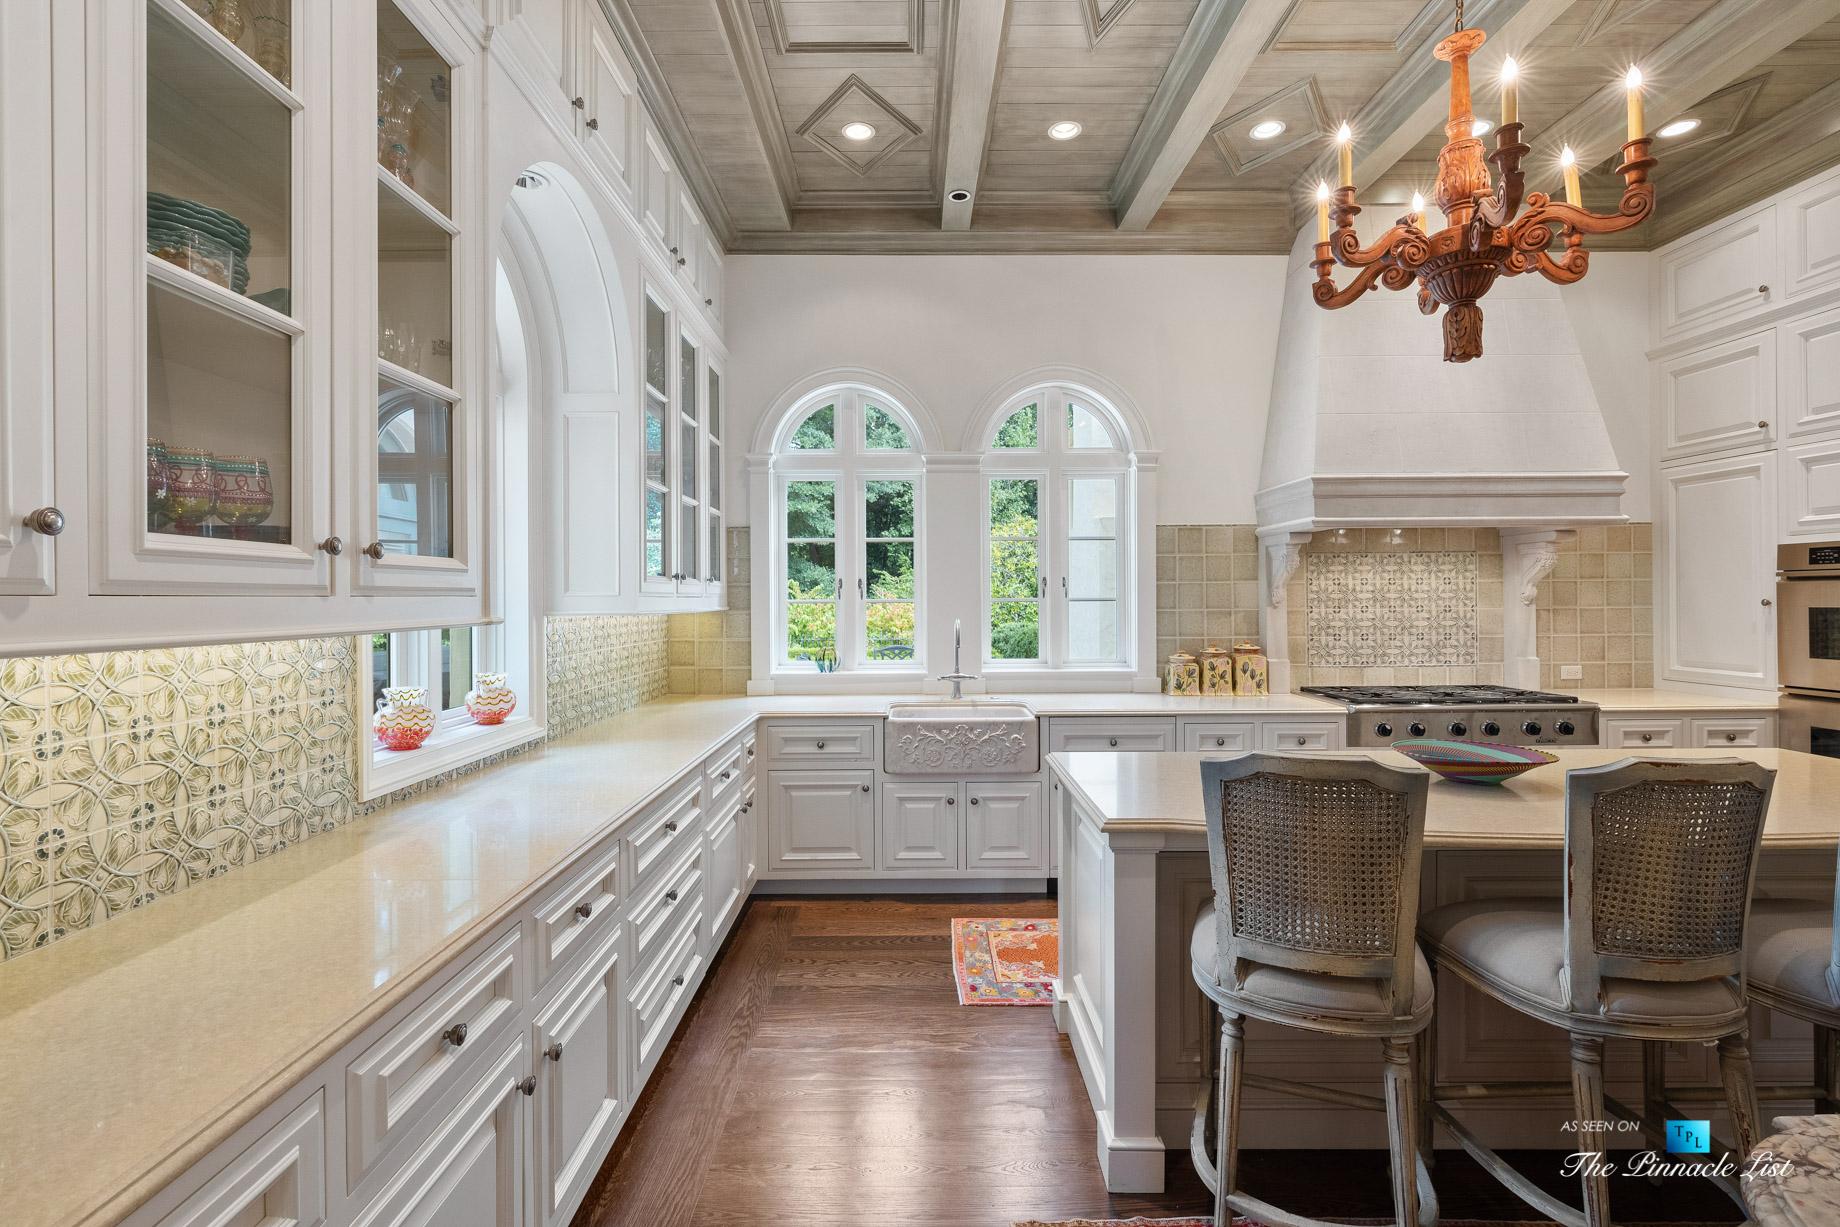 439 Blackland Rd NW, Atlanta, GA, USA - Kitchen - Luxury Real Estate - Tuxedo Park Mediterranean Mansion Home